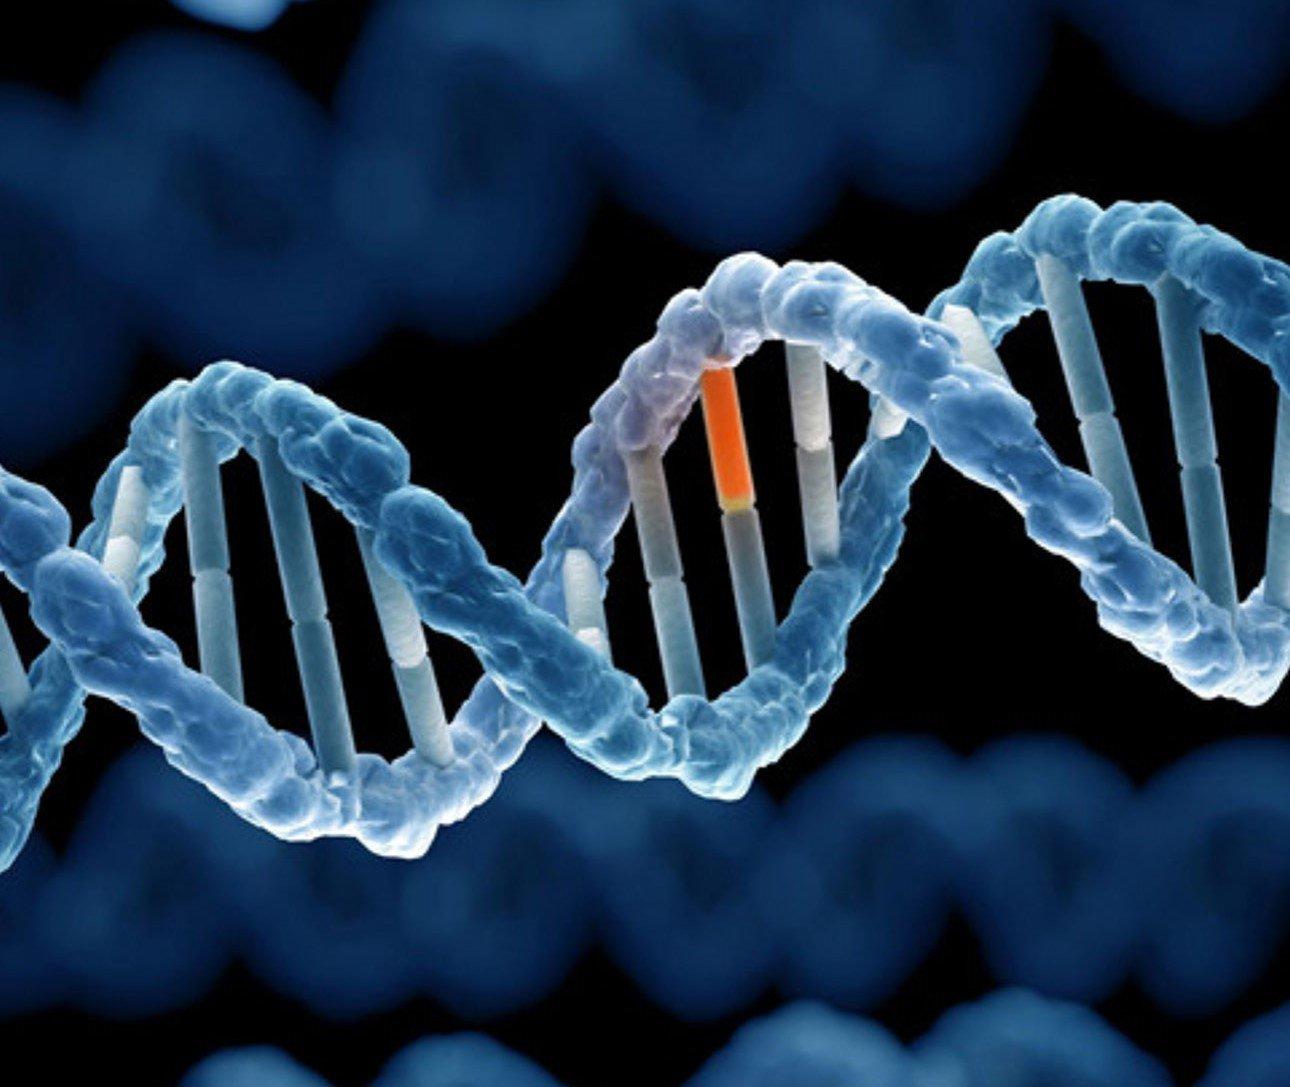 Ý nghĩa xét nghiệm PAPP-A và free beta HCG (Double test)trong sàng lọc dị tật - ảnh 1